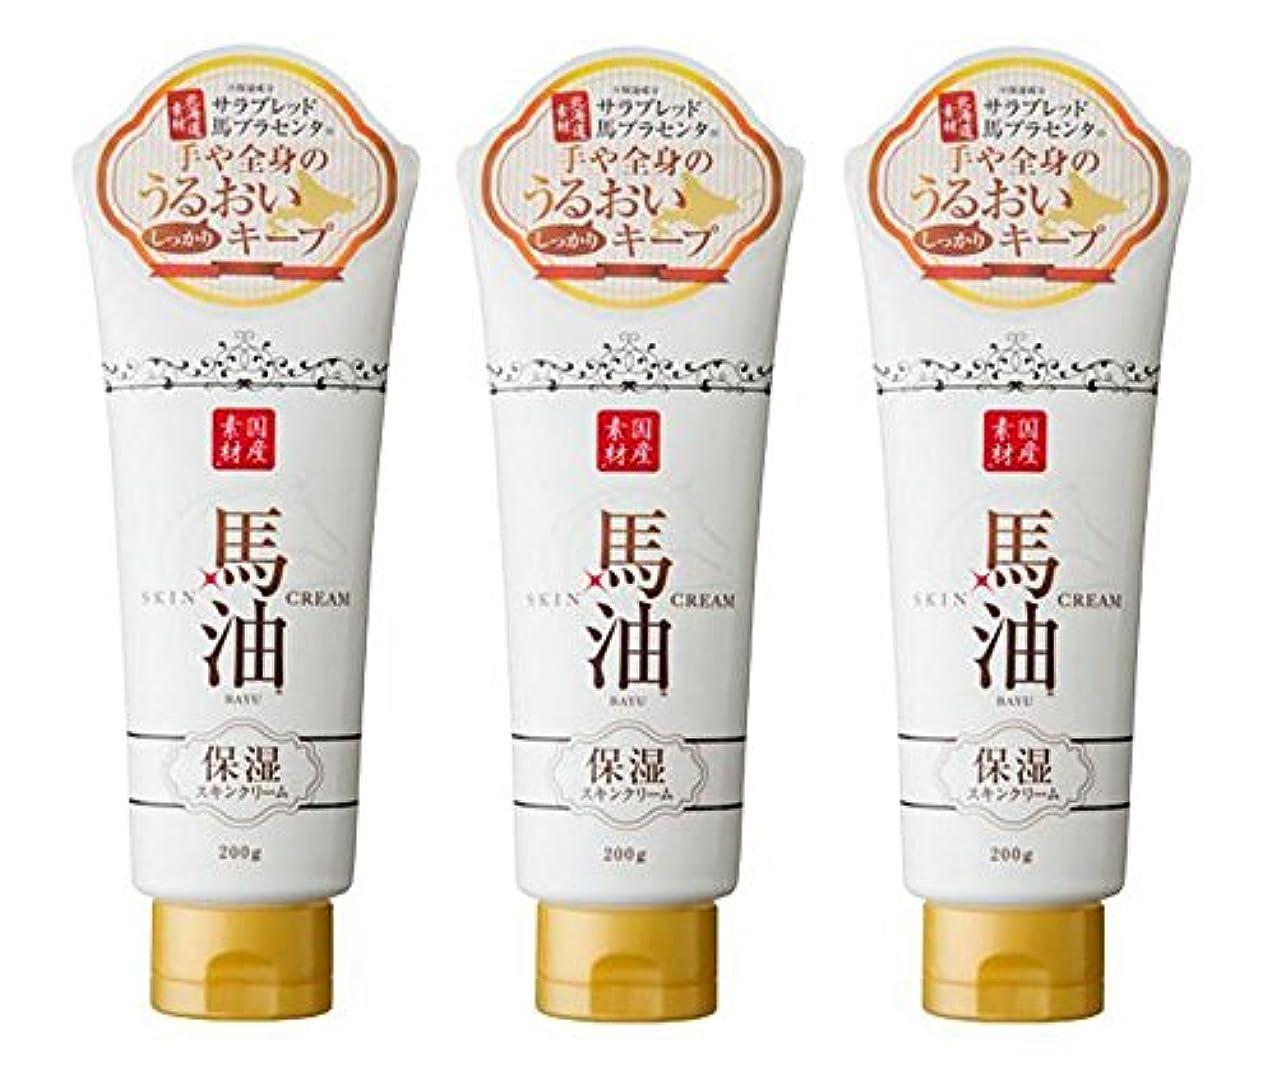 比率報奨金批評【アイスタイル】リシャン 馬油保湿スキンクリーム さくらの香り 200g ×3個セット